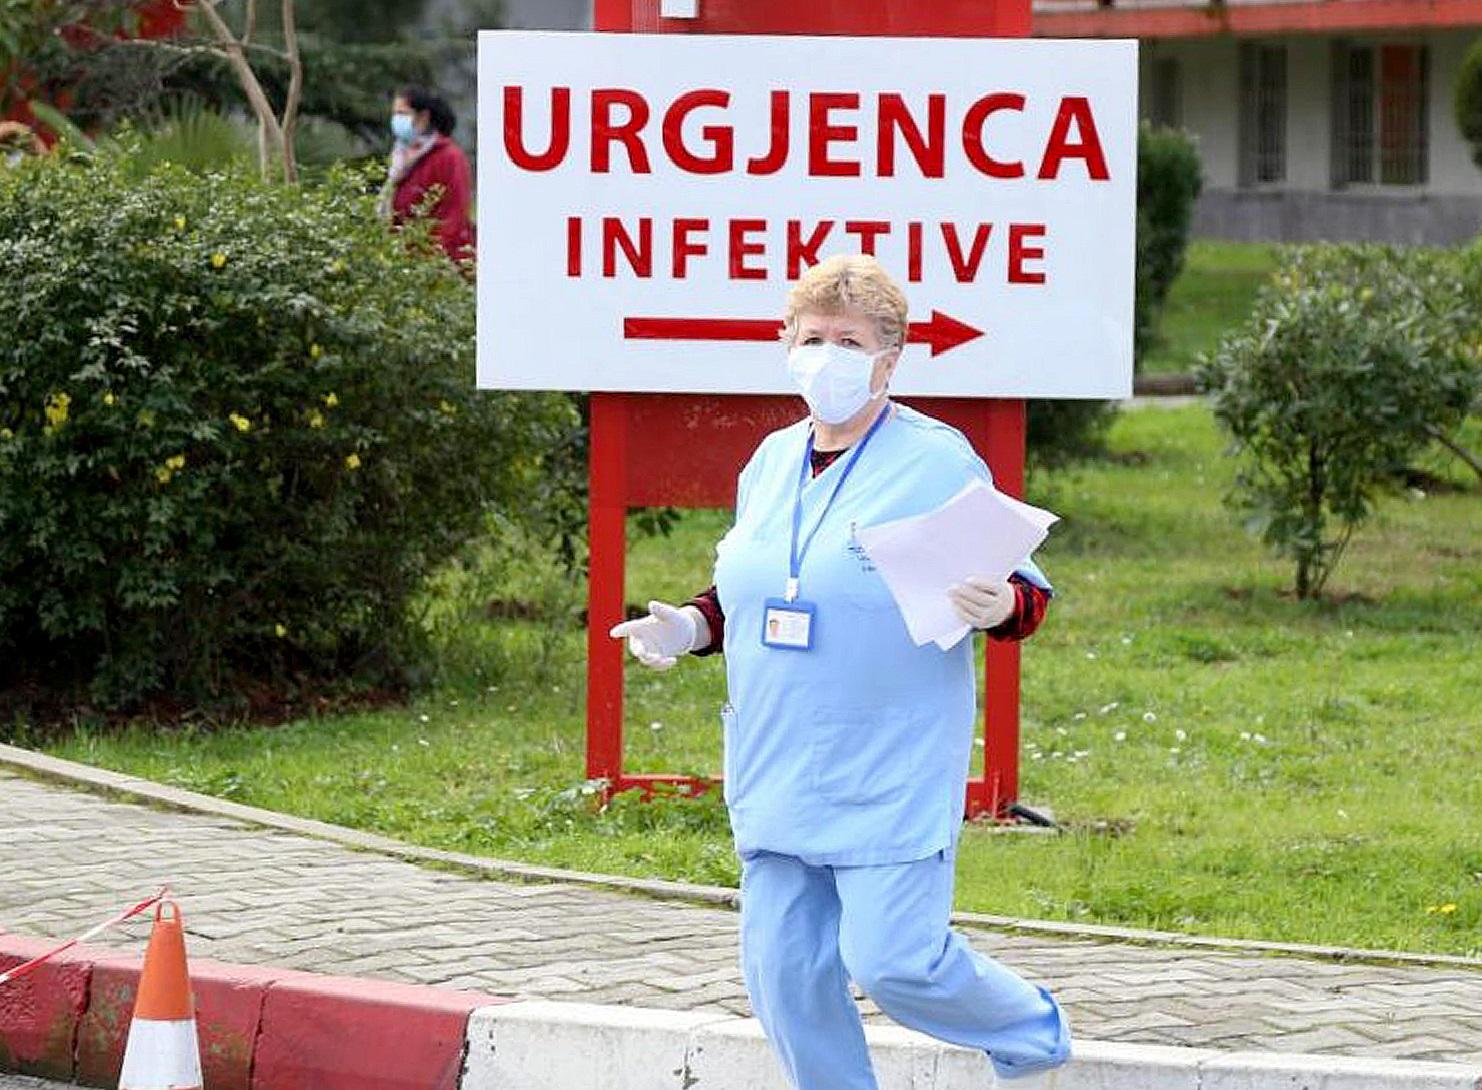 Lajm i mirë: 5 pacientë mposhtin virusin Covid-19, lënë Spitalin Infektiv